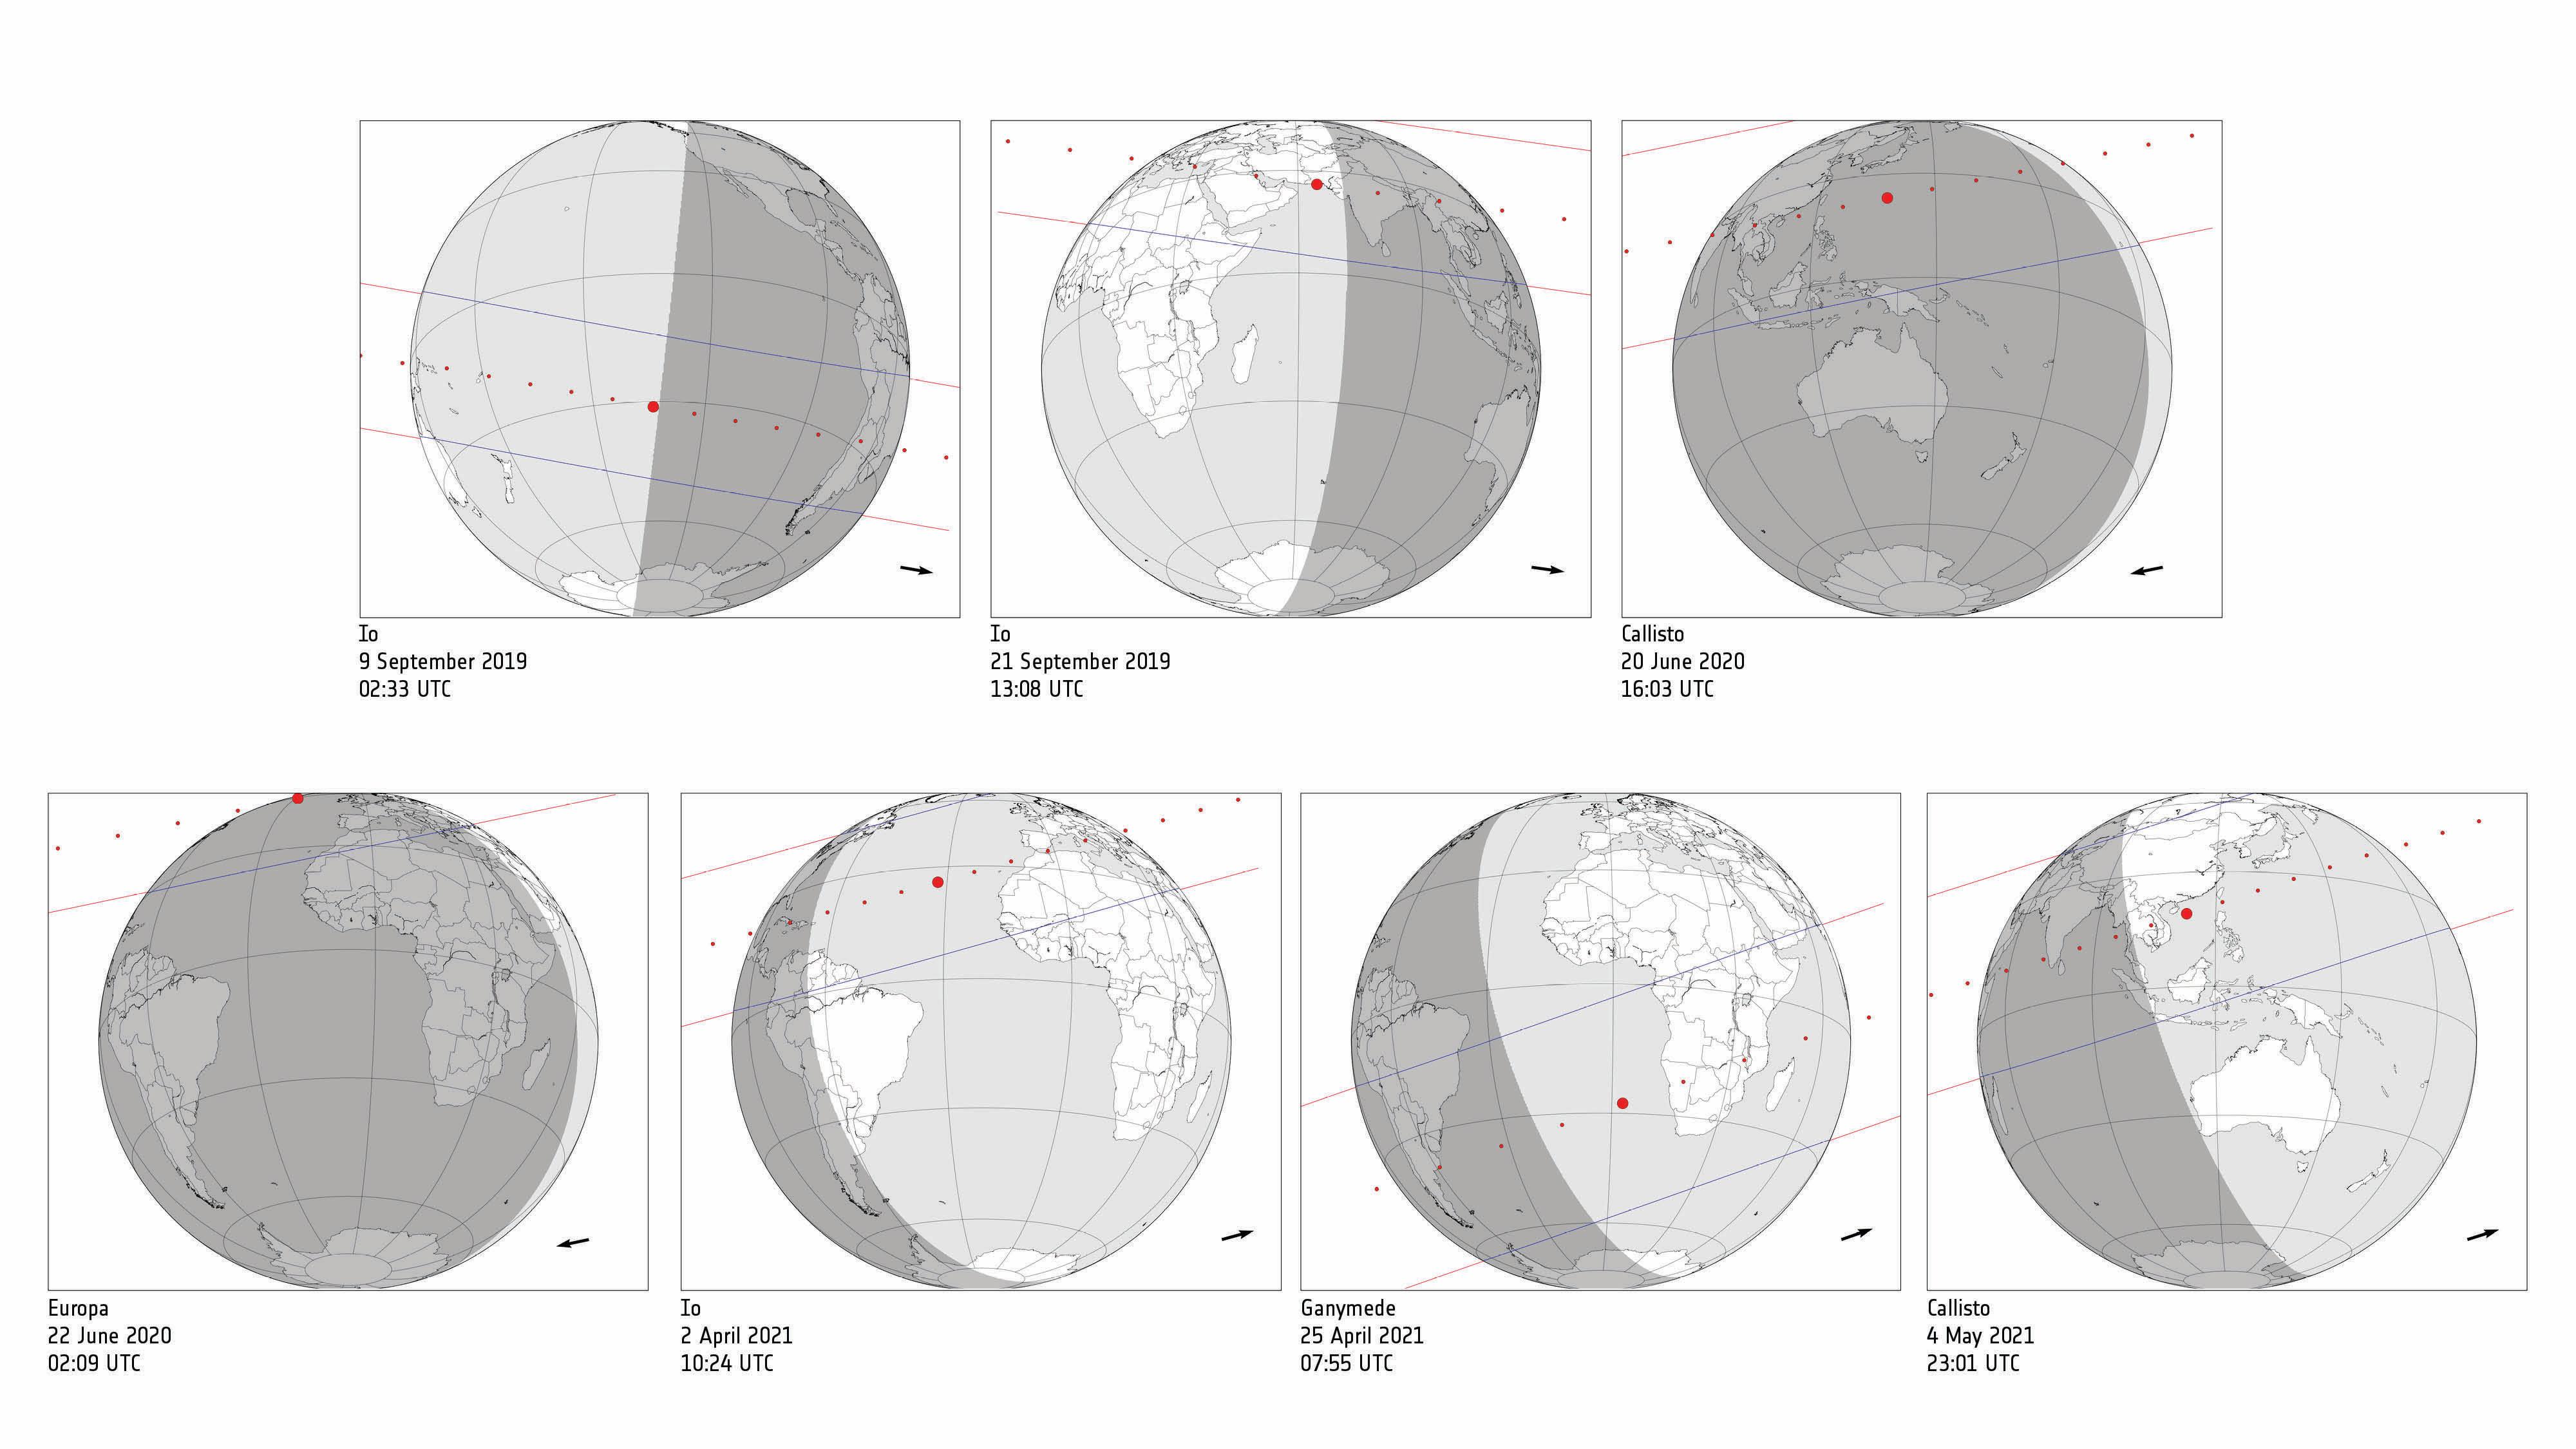 1567214220026-Gaia_stellar_occultations_by_Galilean_moons.jpg